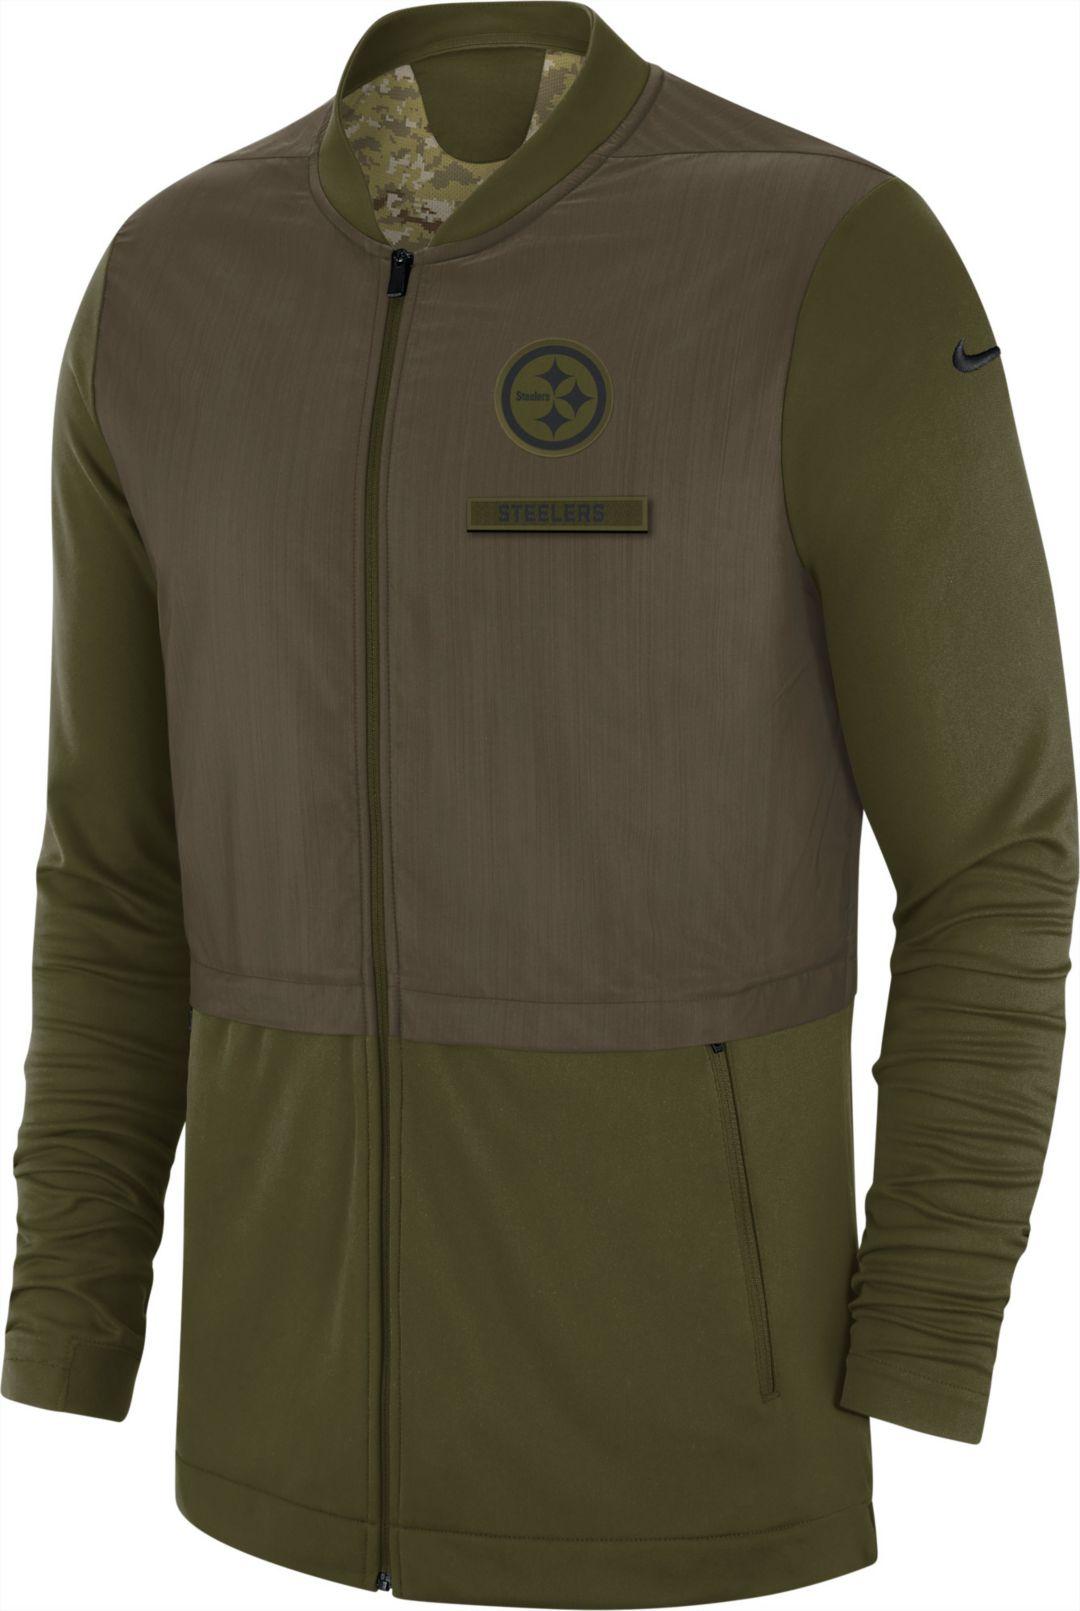 half off 86415 20379 Nike Men's Salute to Service Pittsburgh Steelers Hybrid Full-Zip Jacket